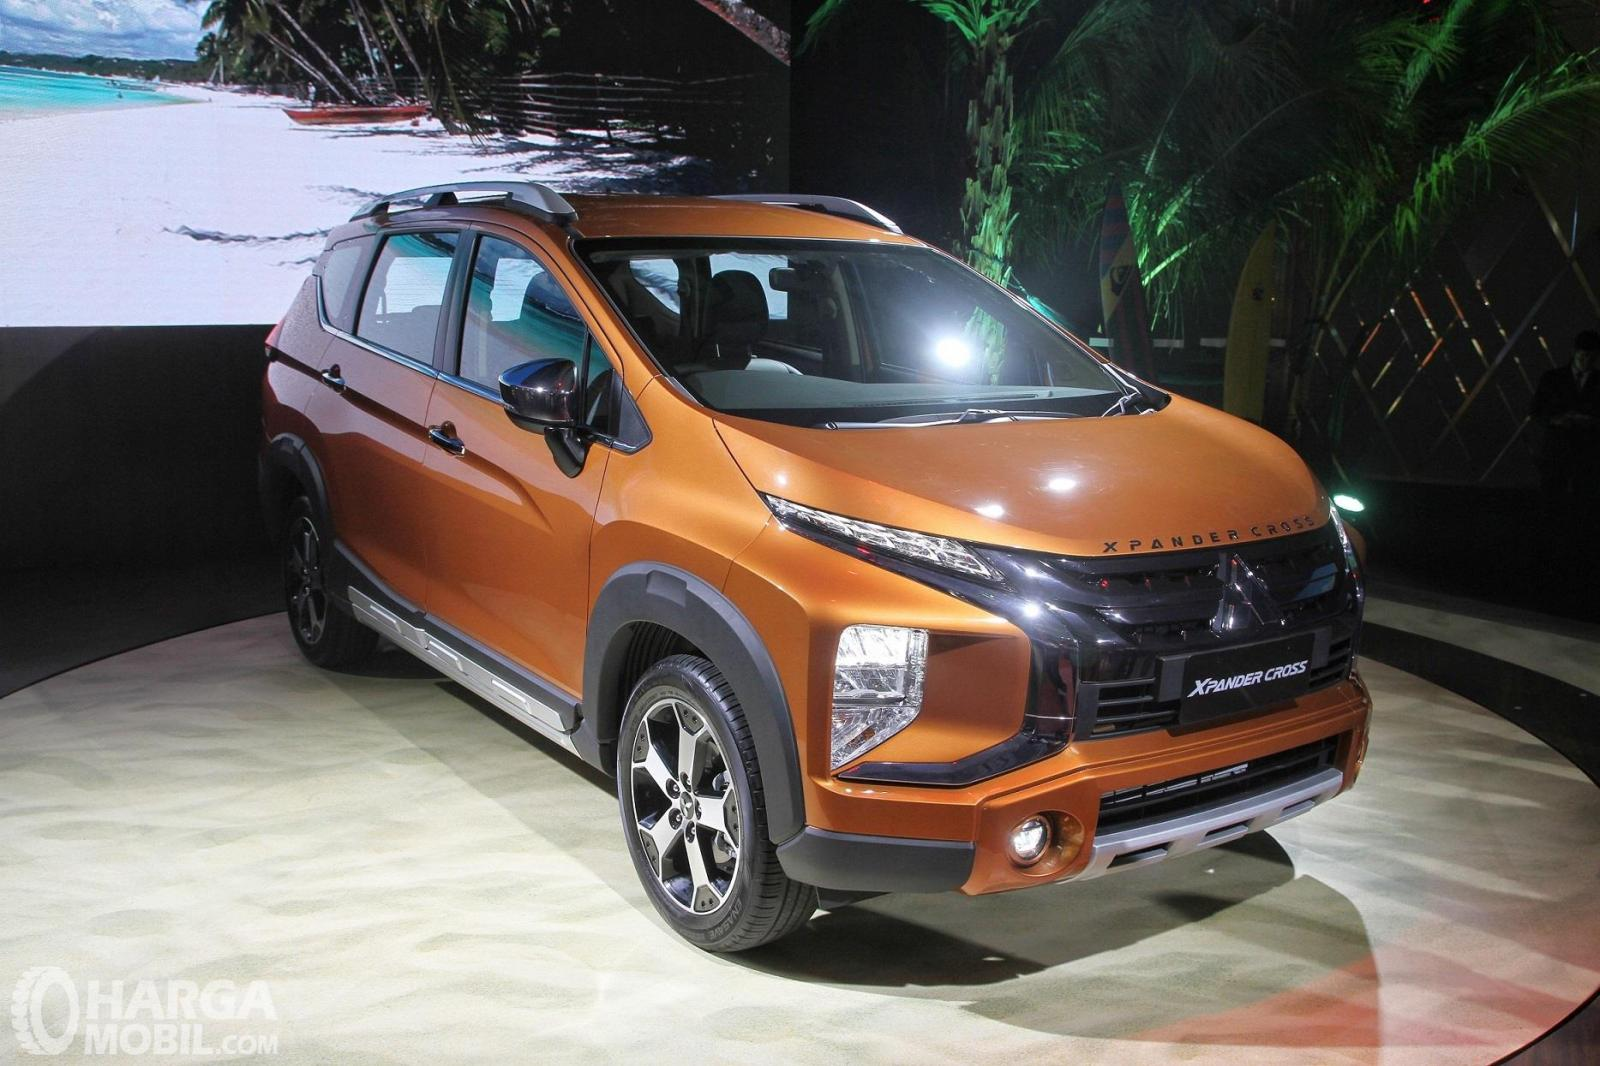 Foto menunjukkan Mitsubishi Xpander Cross Premium Package tampak dari depan